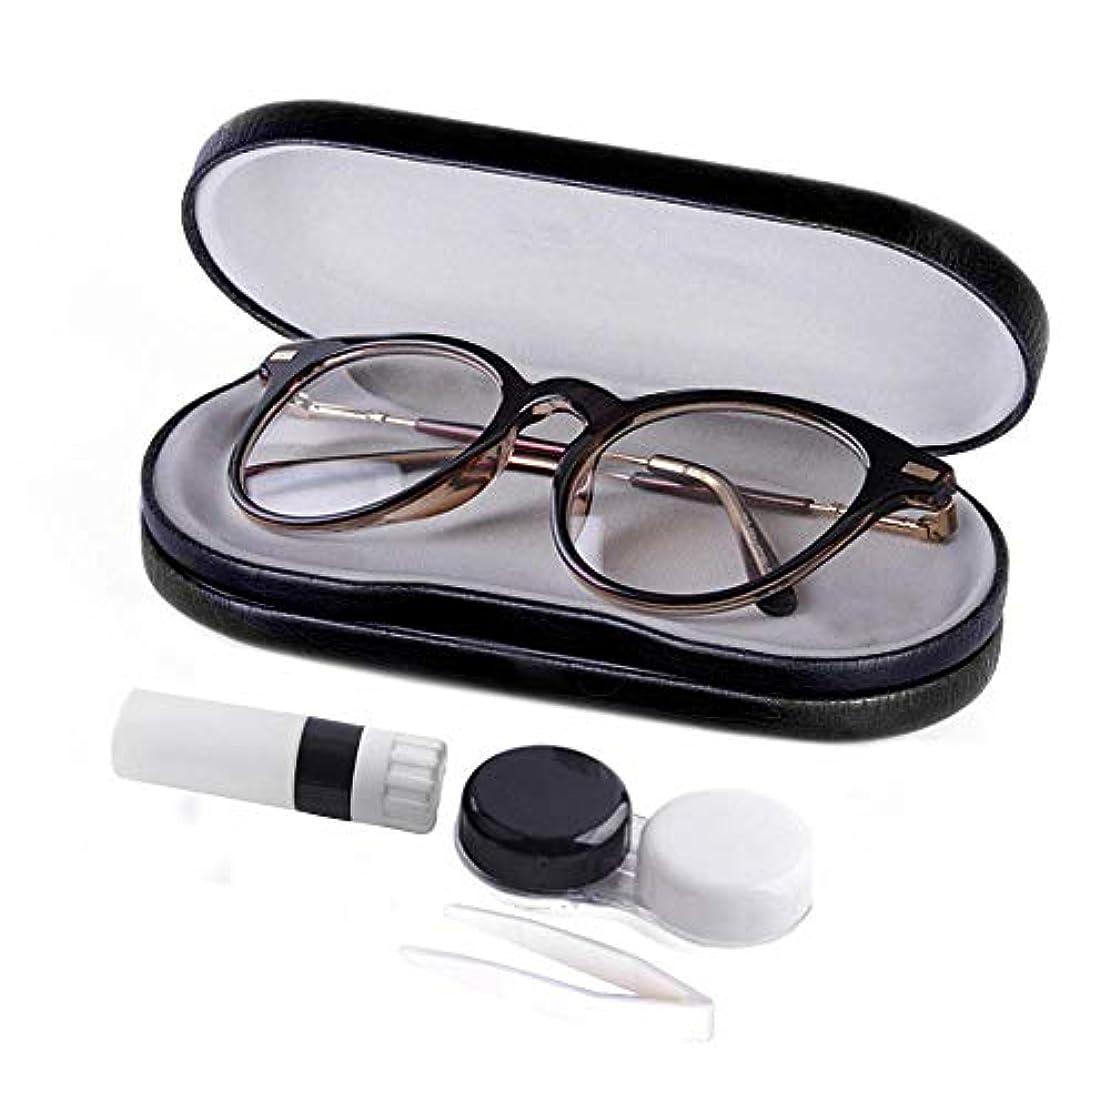 君主居住者短くするColdwhite 旅行用に革新的 なコンタクトレンズケース 両面メガネ収納ケース ブラック16x7x5cm / 3x2.4x0.9inch(LxWxH)